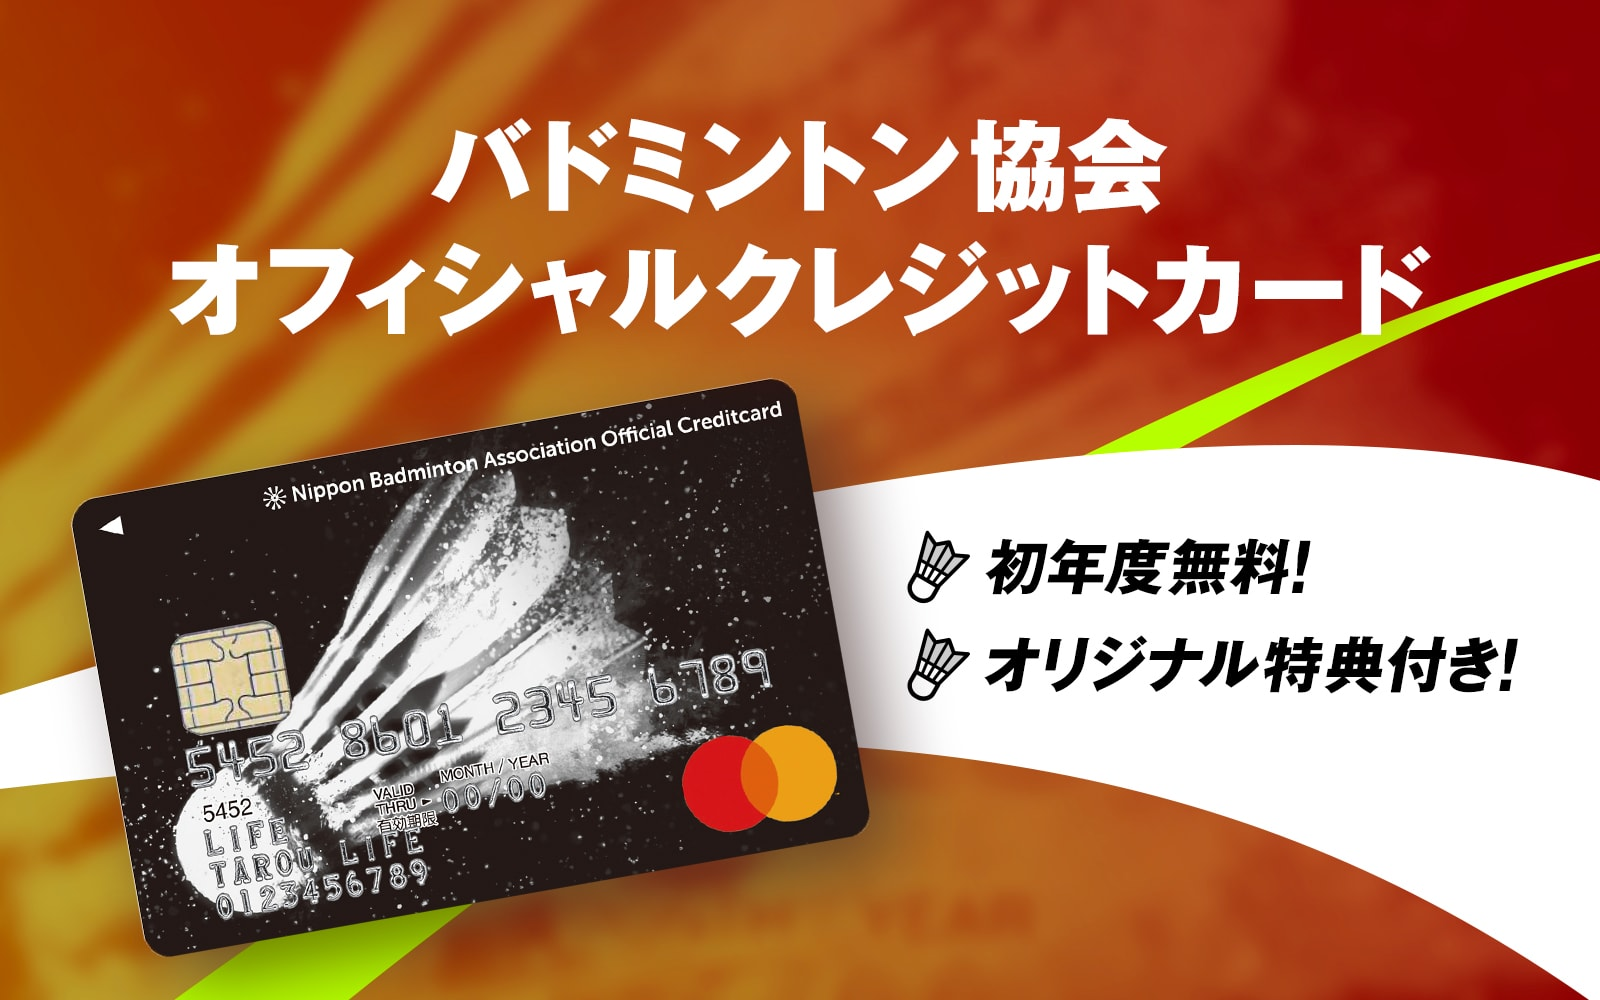 バドミントン協会オフィシャルクレジットカード